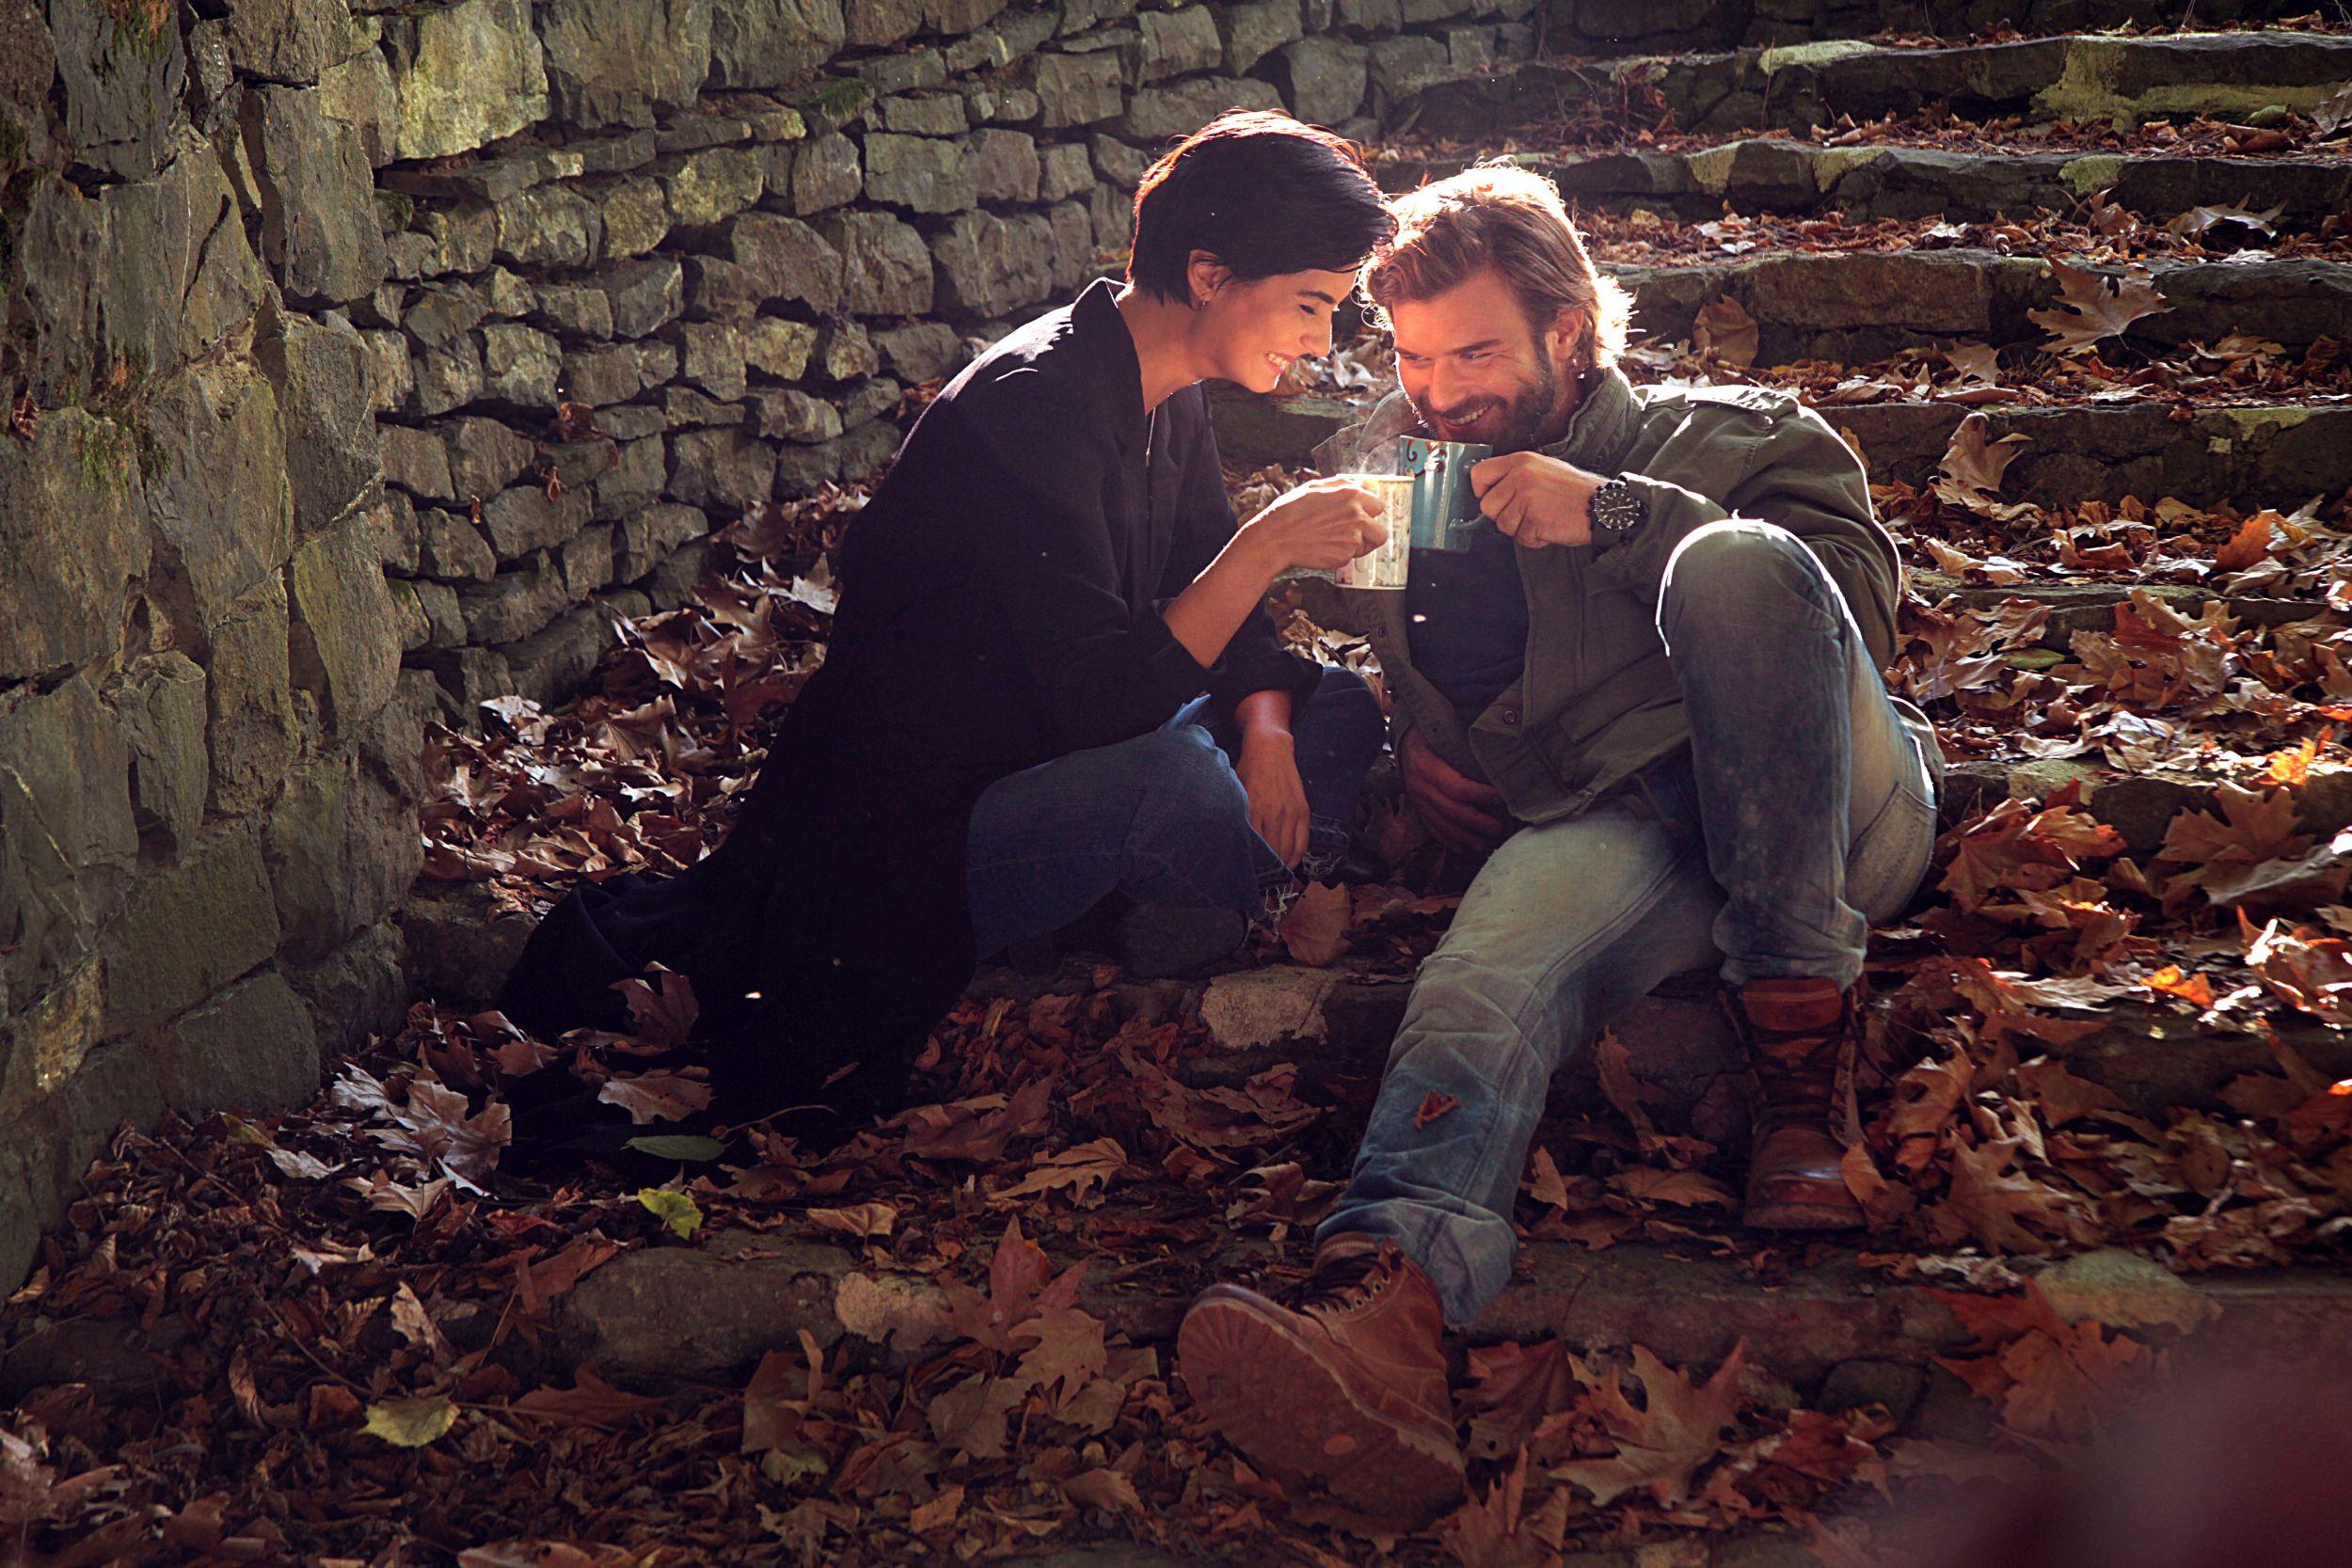 Datos curiosos que no conocías de los protagonistas de Cesur ve Güzel (Valiente y Hermosa)